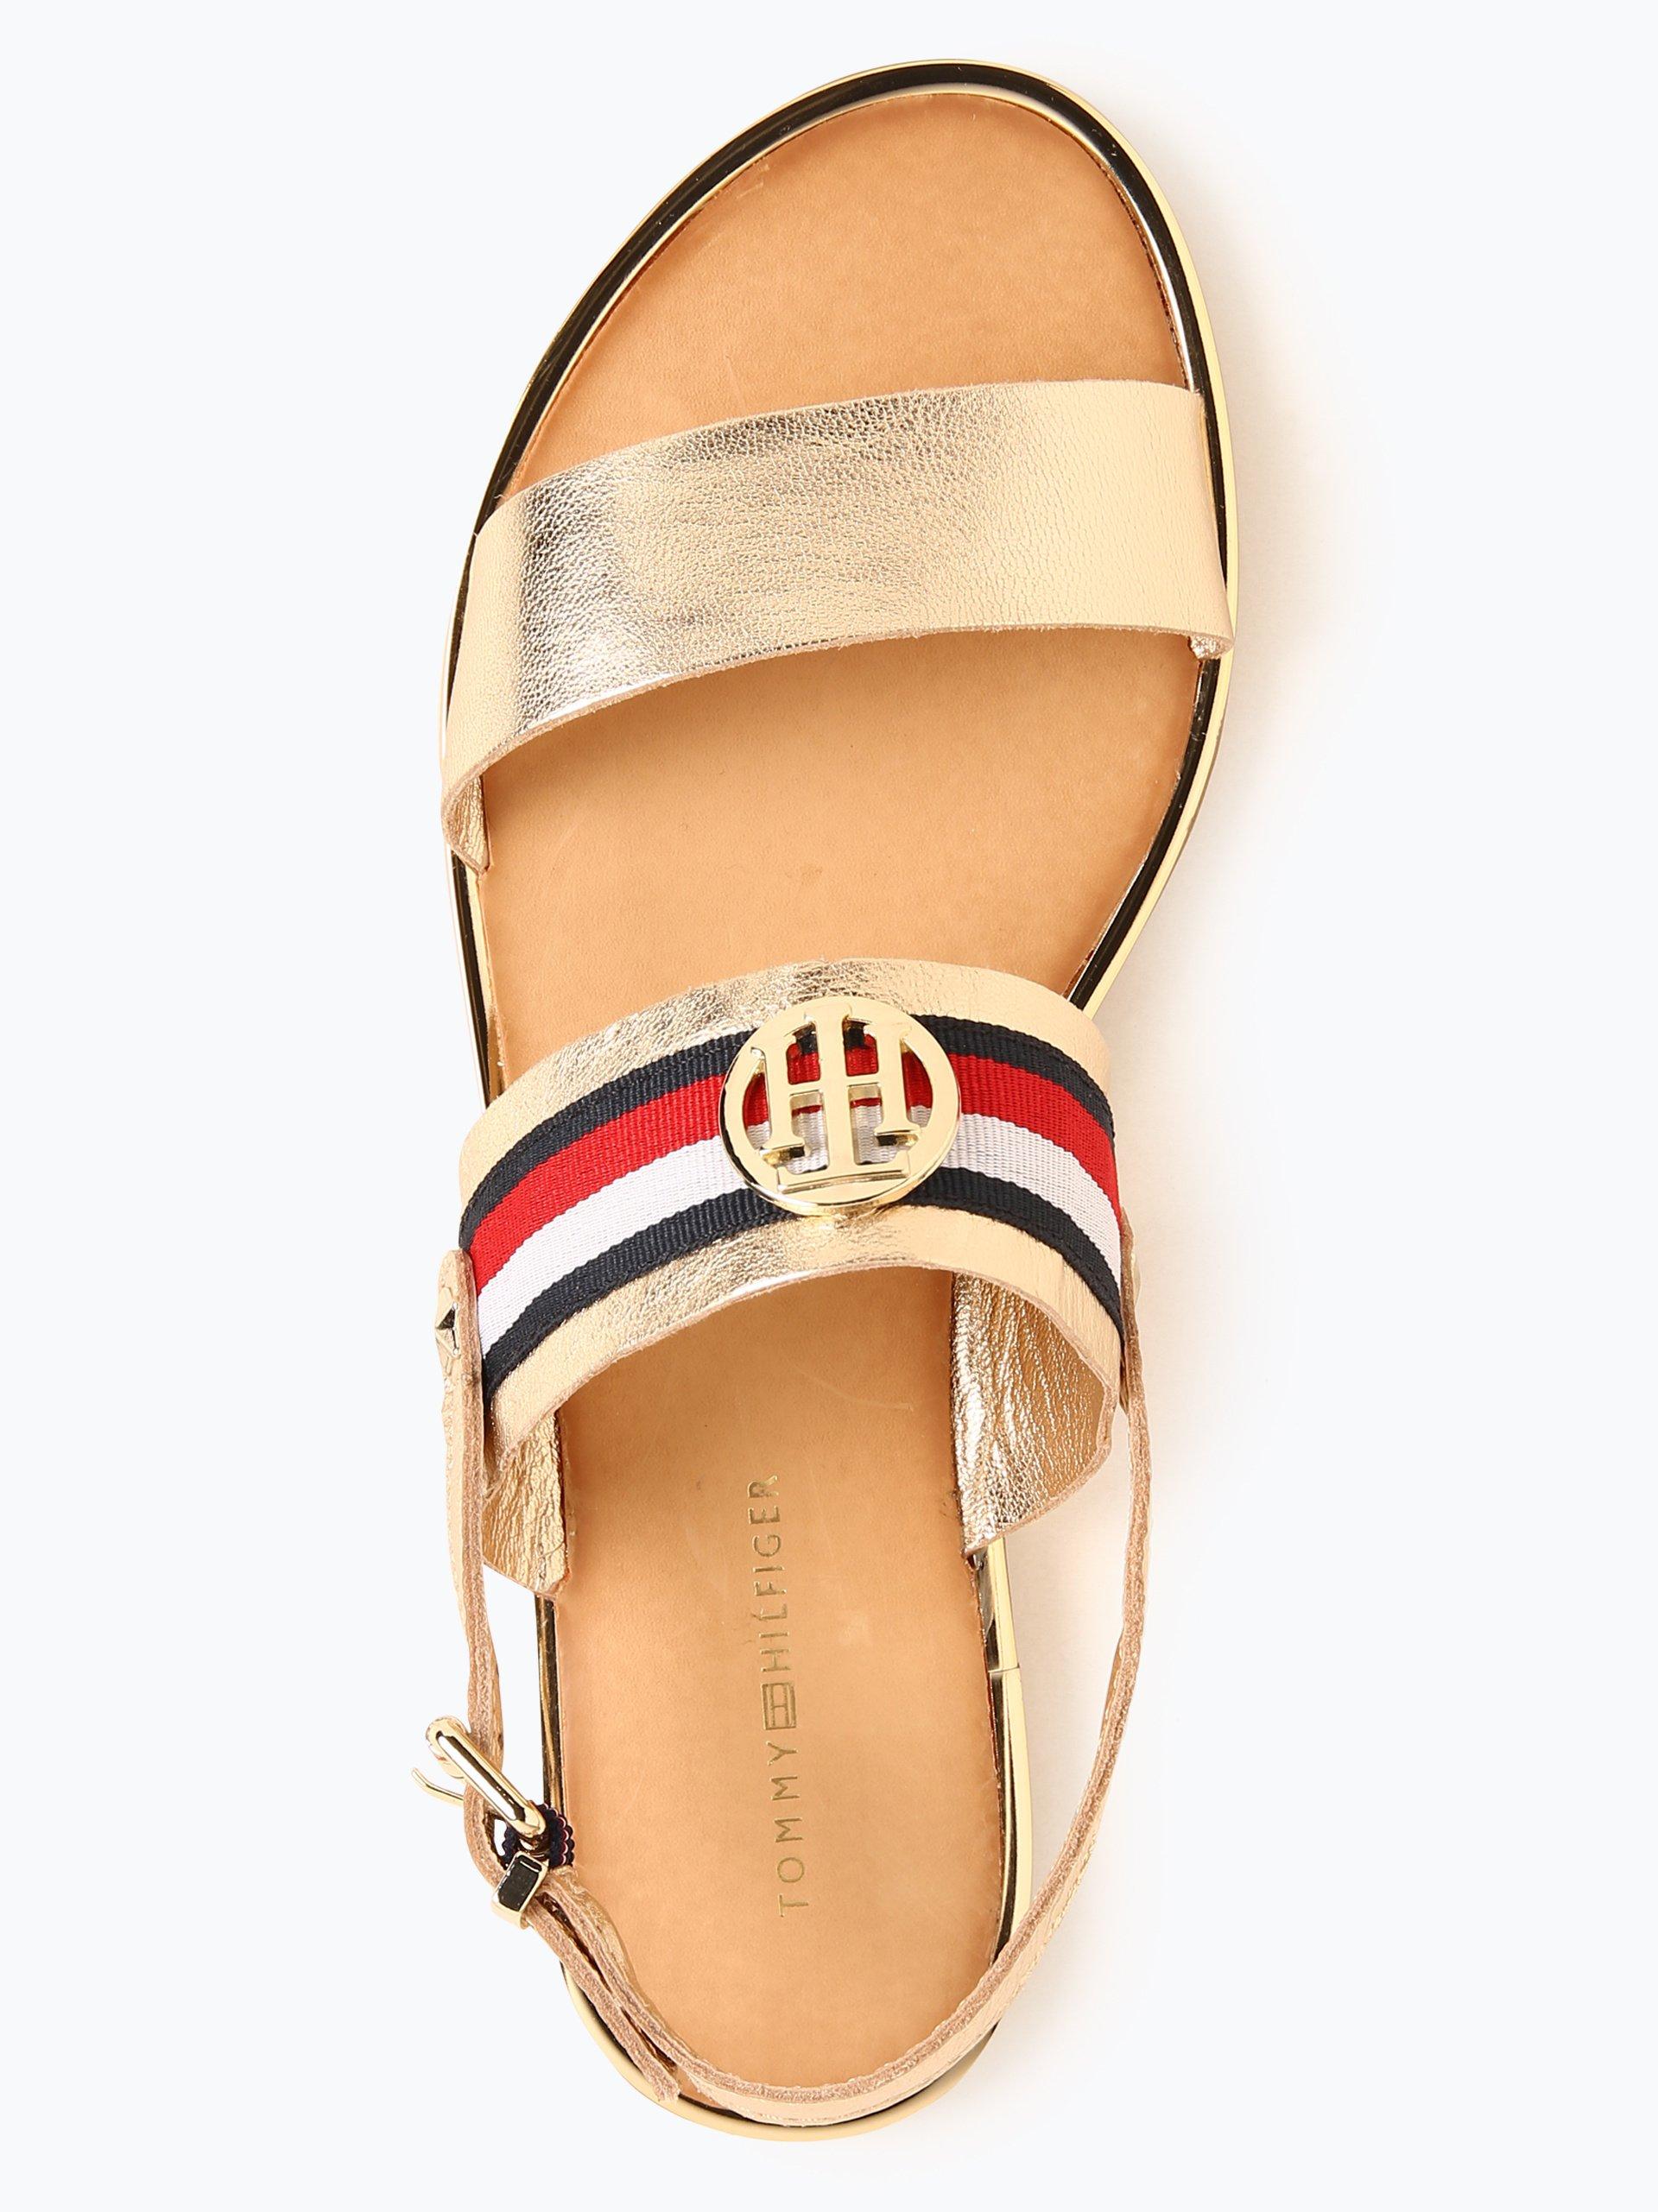 tommy hilfiger damen sandalen aus leder gold uni online kaufen vangraaf com. Black Bedroom Furniture Sets. Home Design Ideas